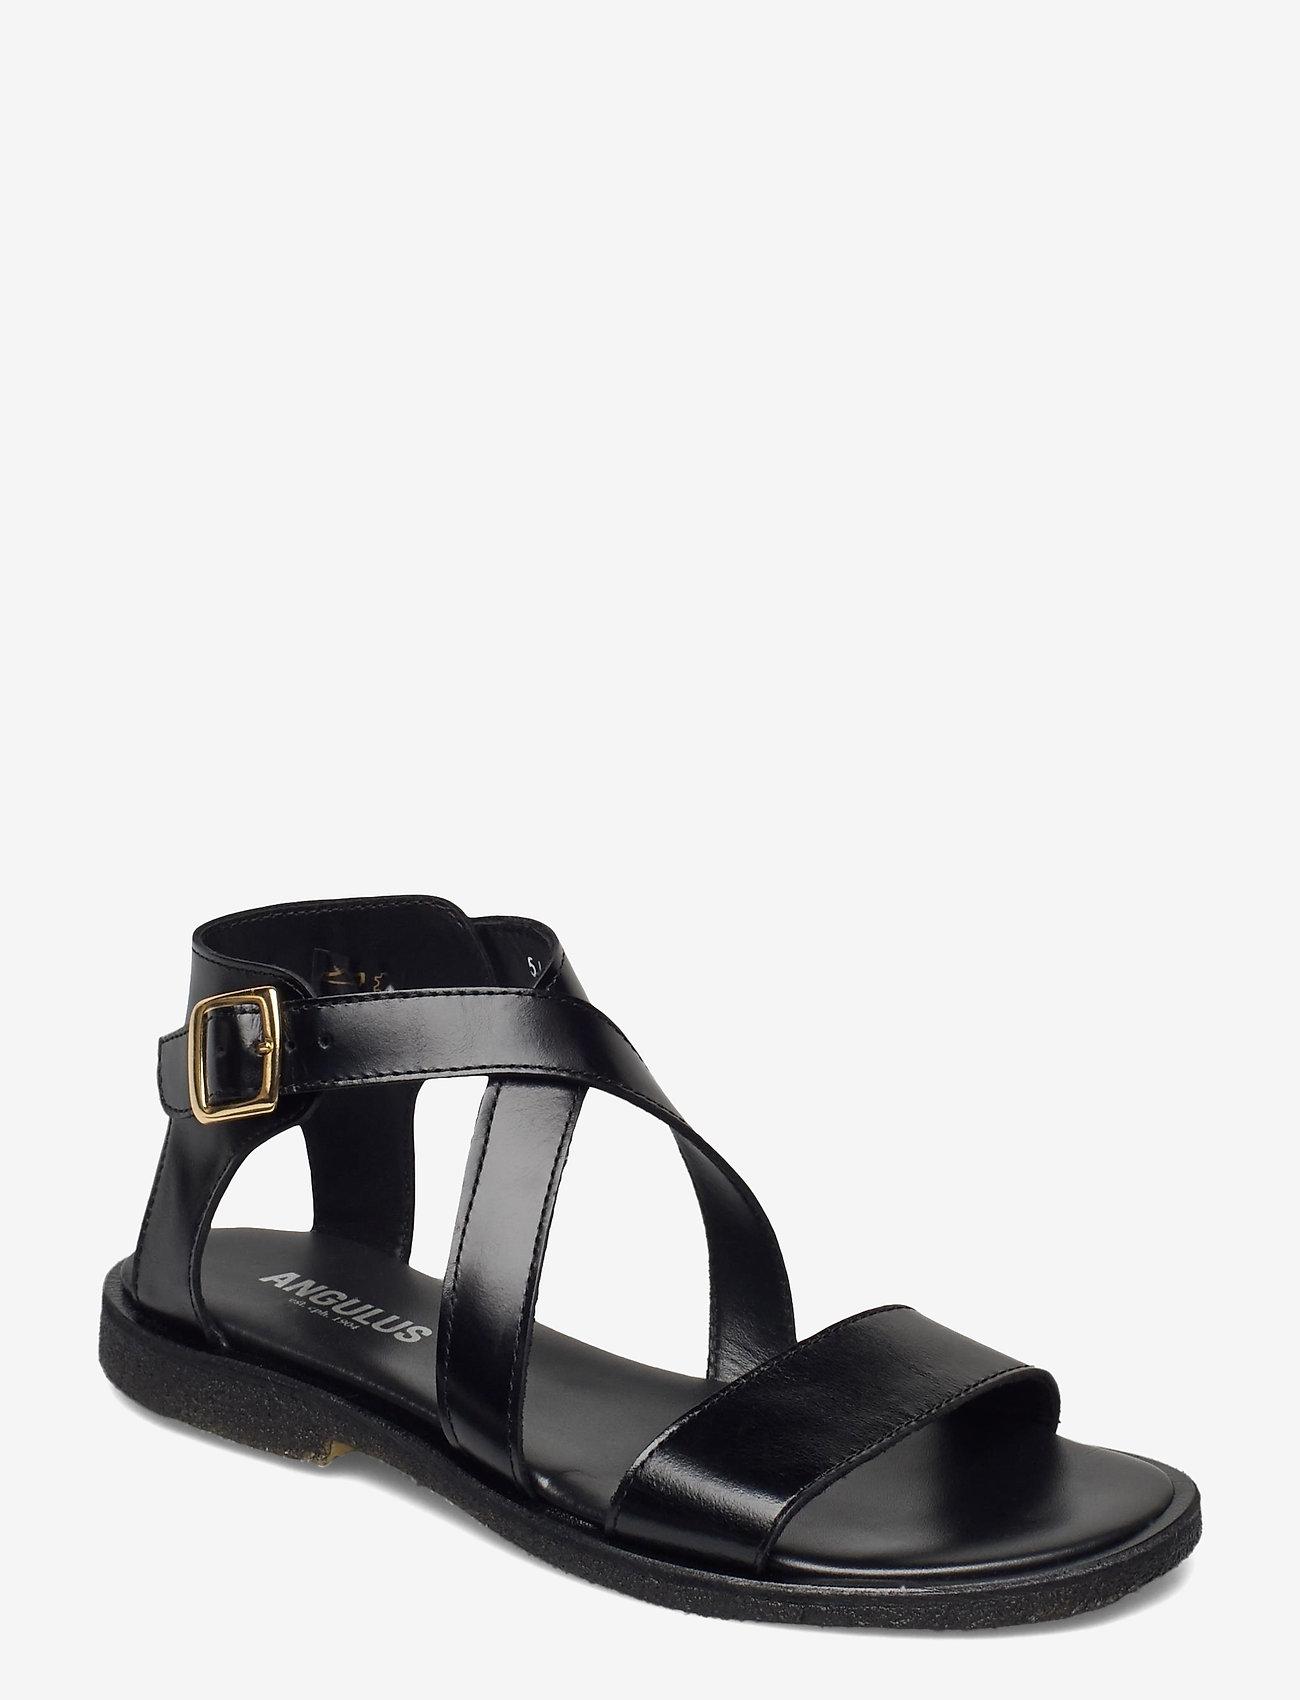 ANGULUS - 5442 - flat sandals - 1835 black - 0